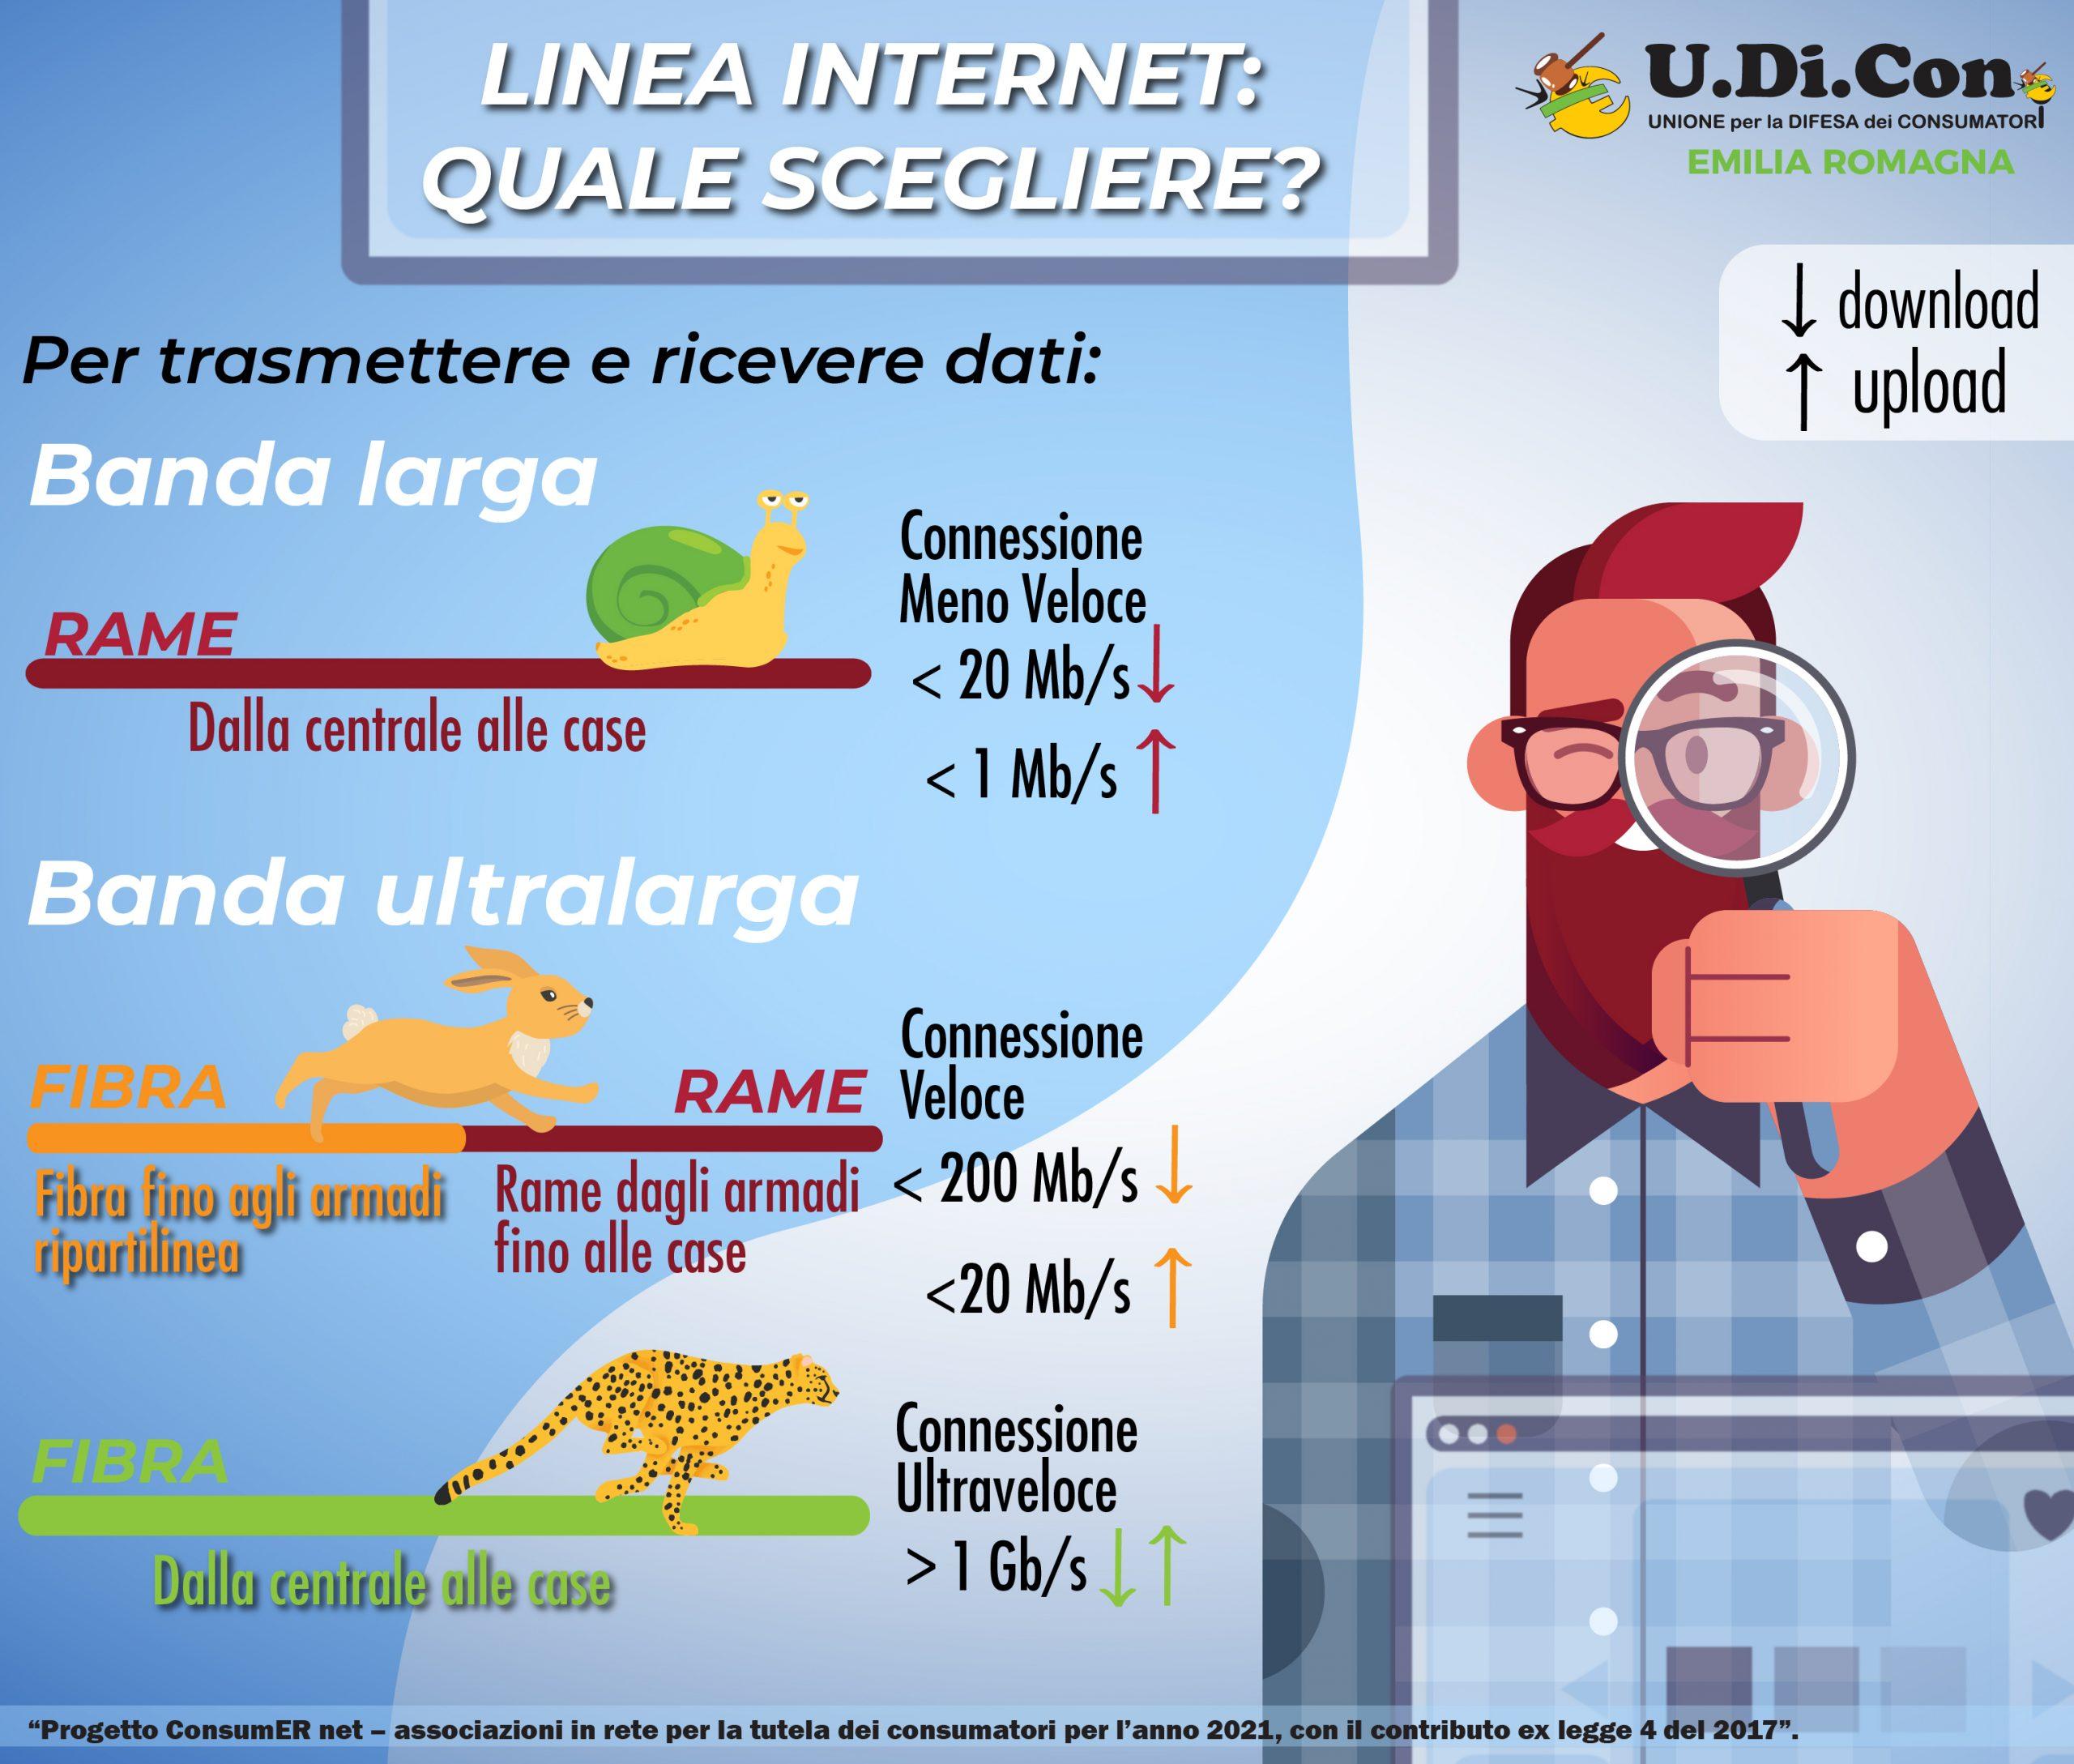 Infografica - Linea internet: quale scegliere?